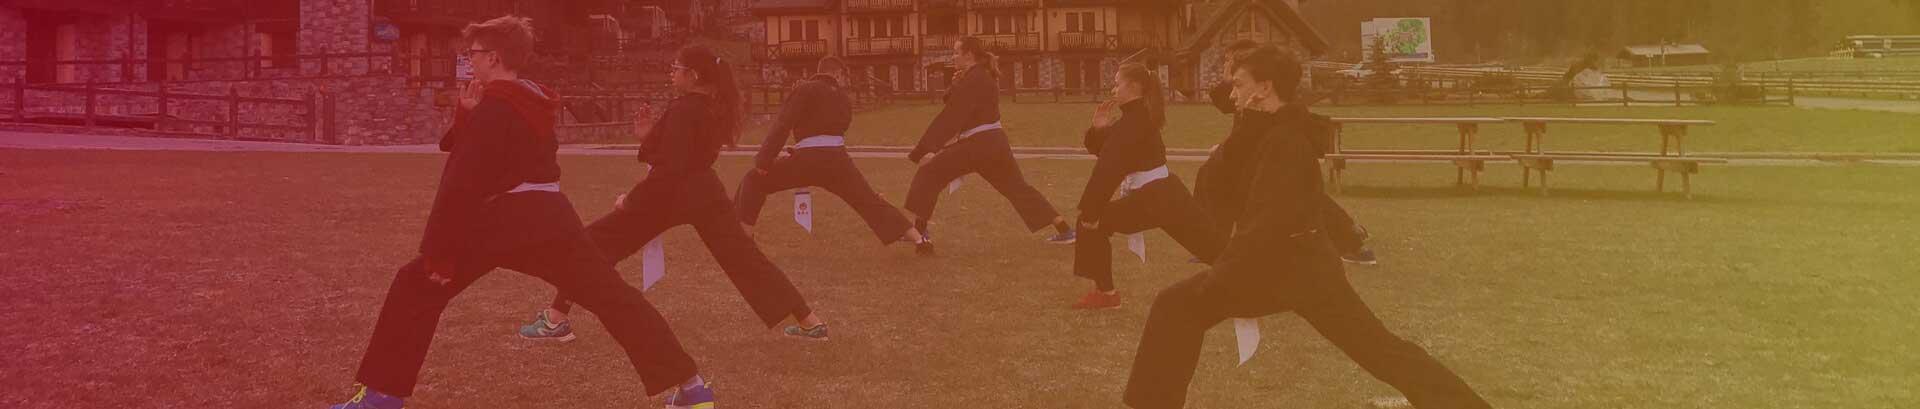 contatti-scuola-kung-fu-lodi